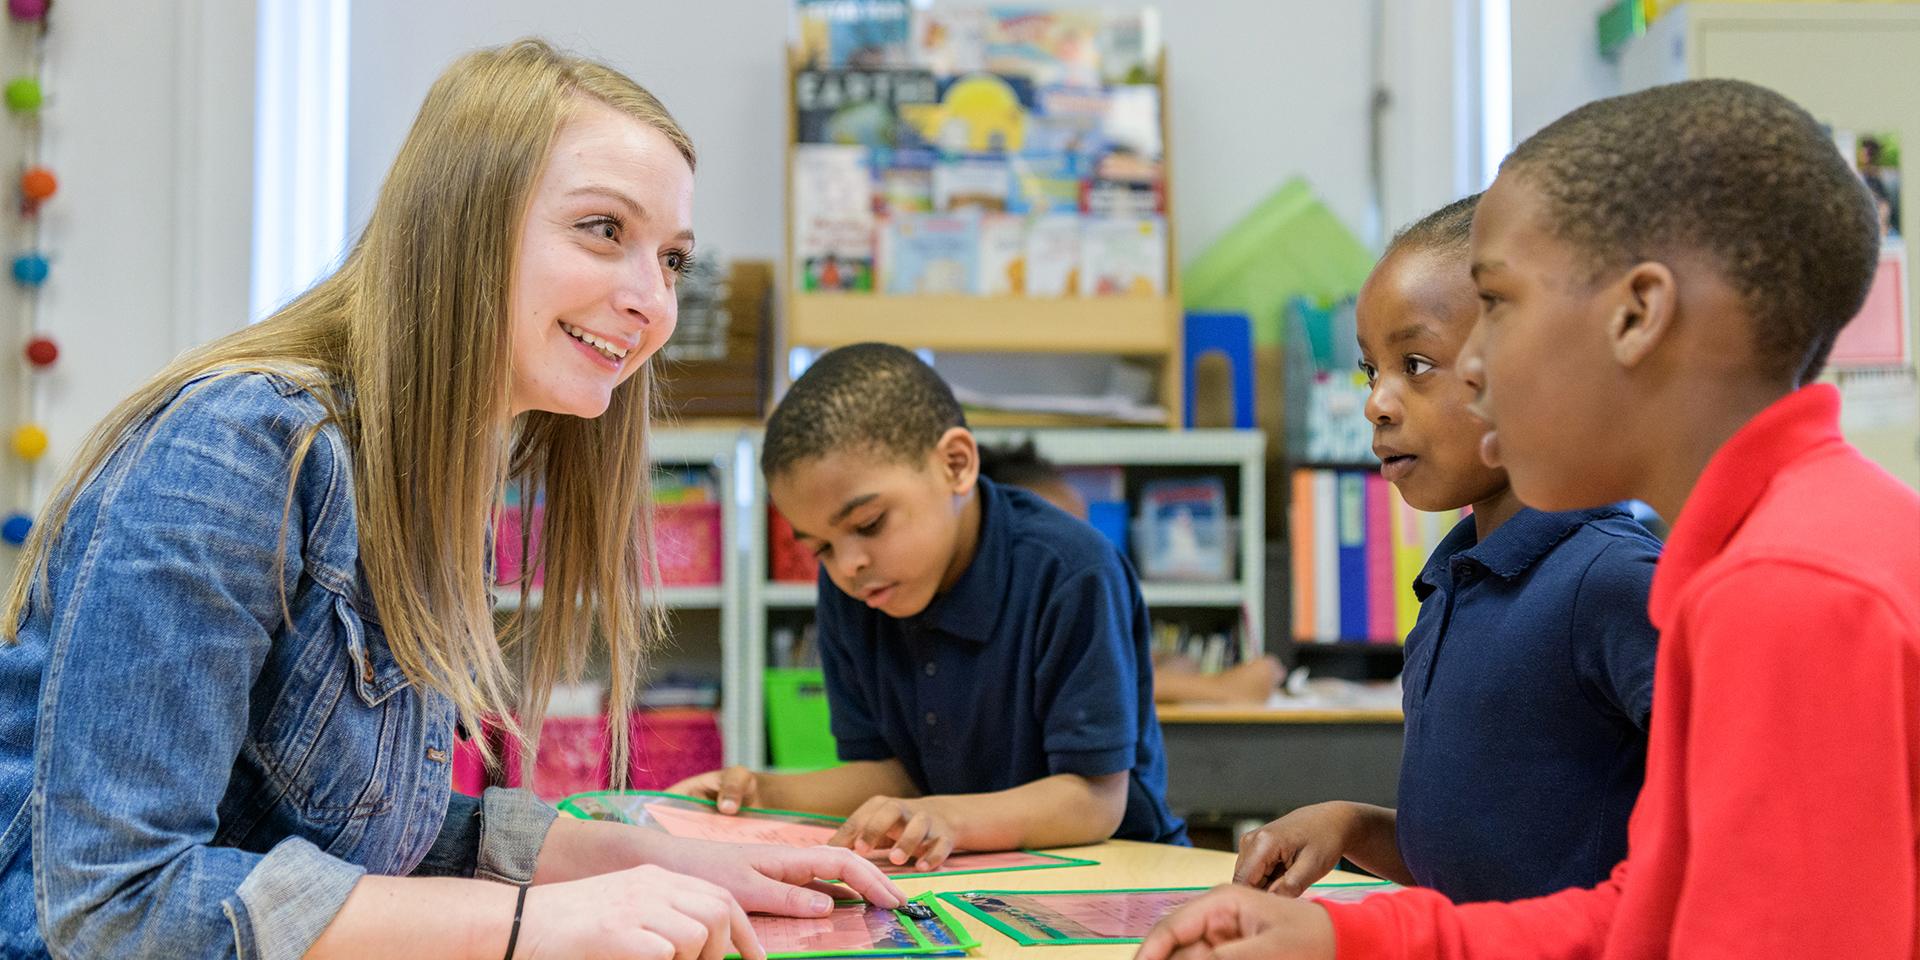 Student teacher speaking to three children